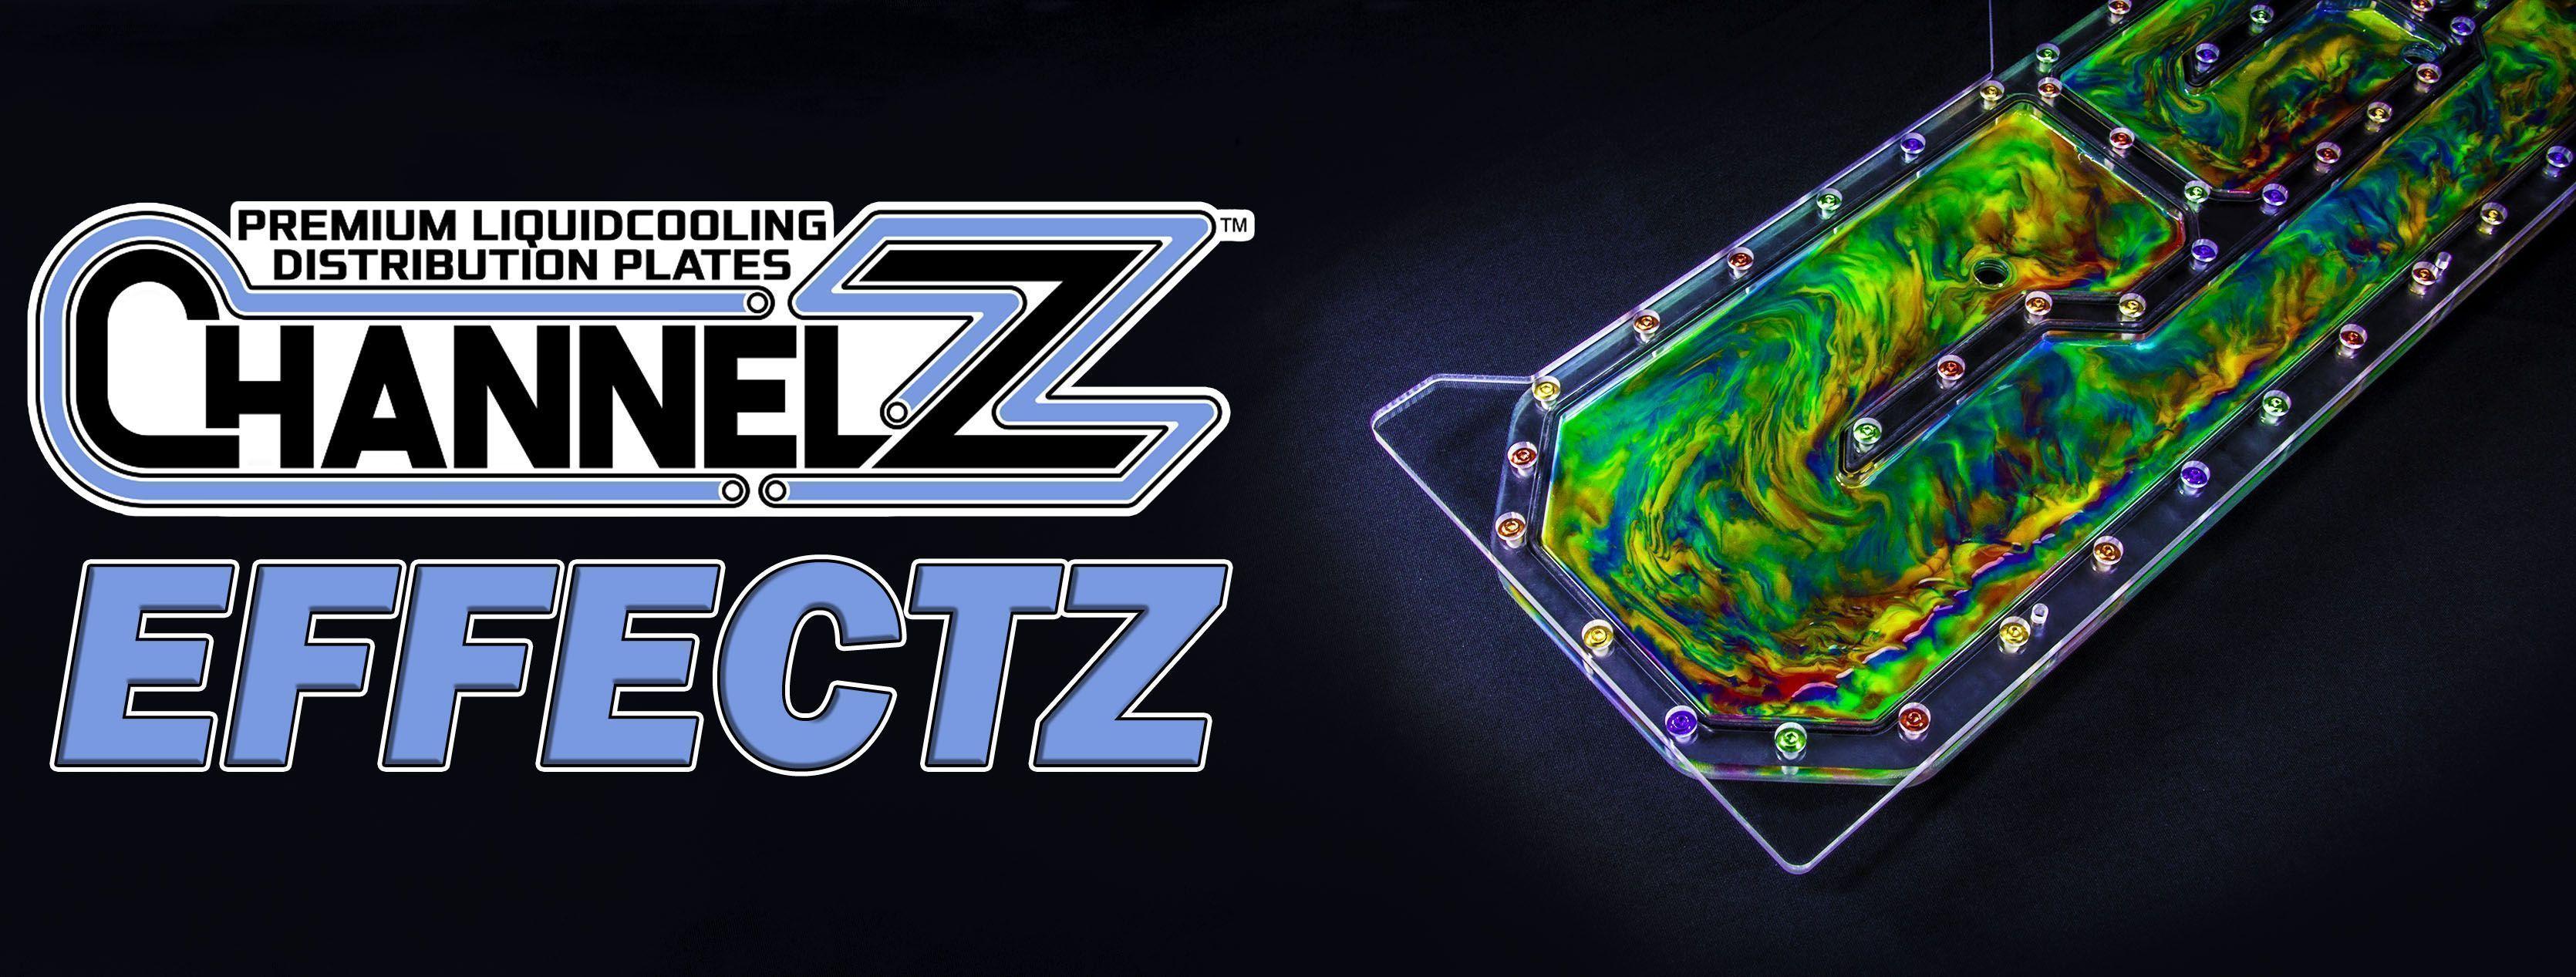 Channelz Effects